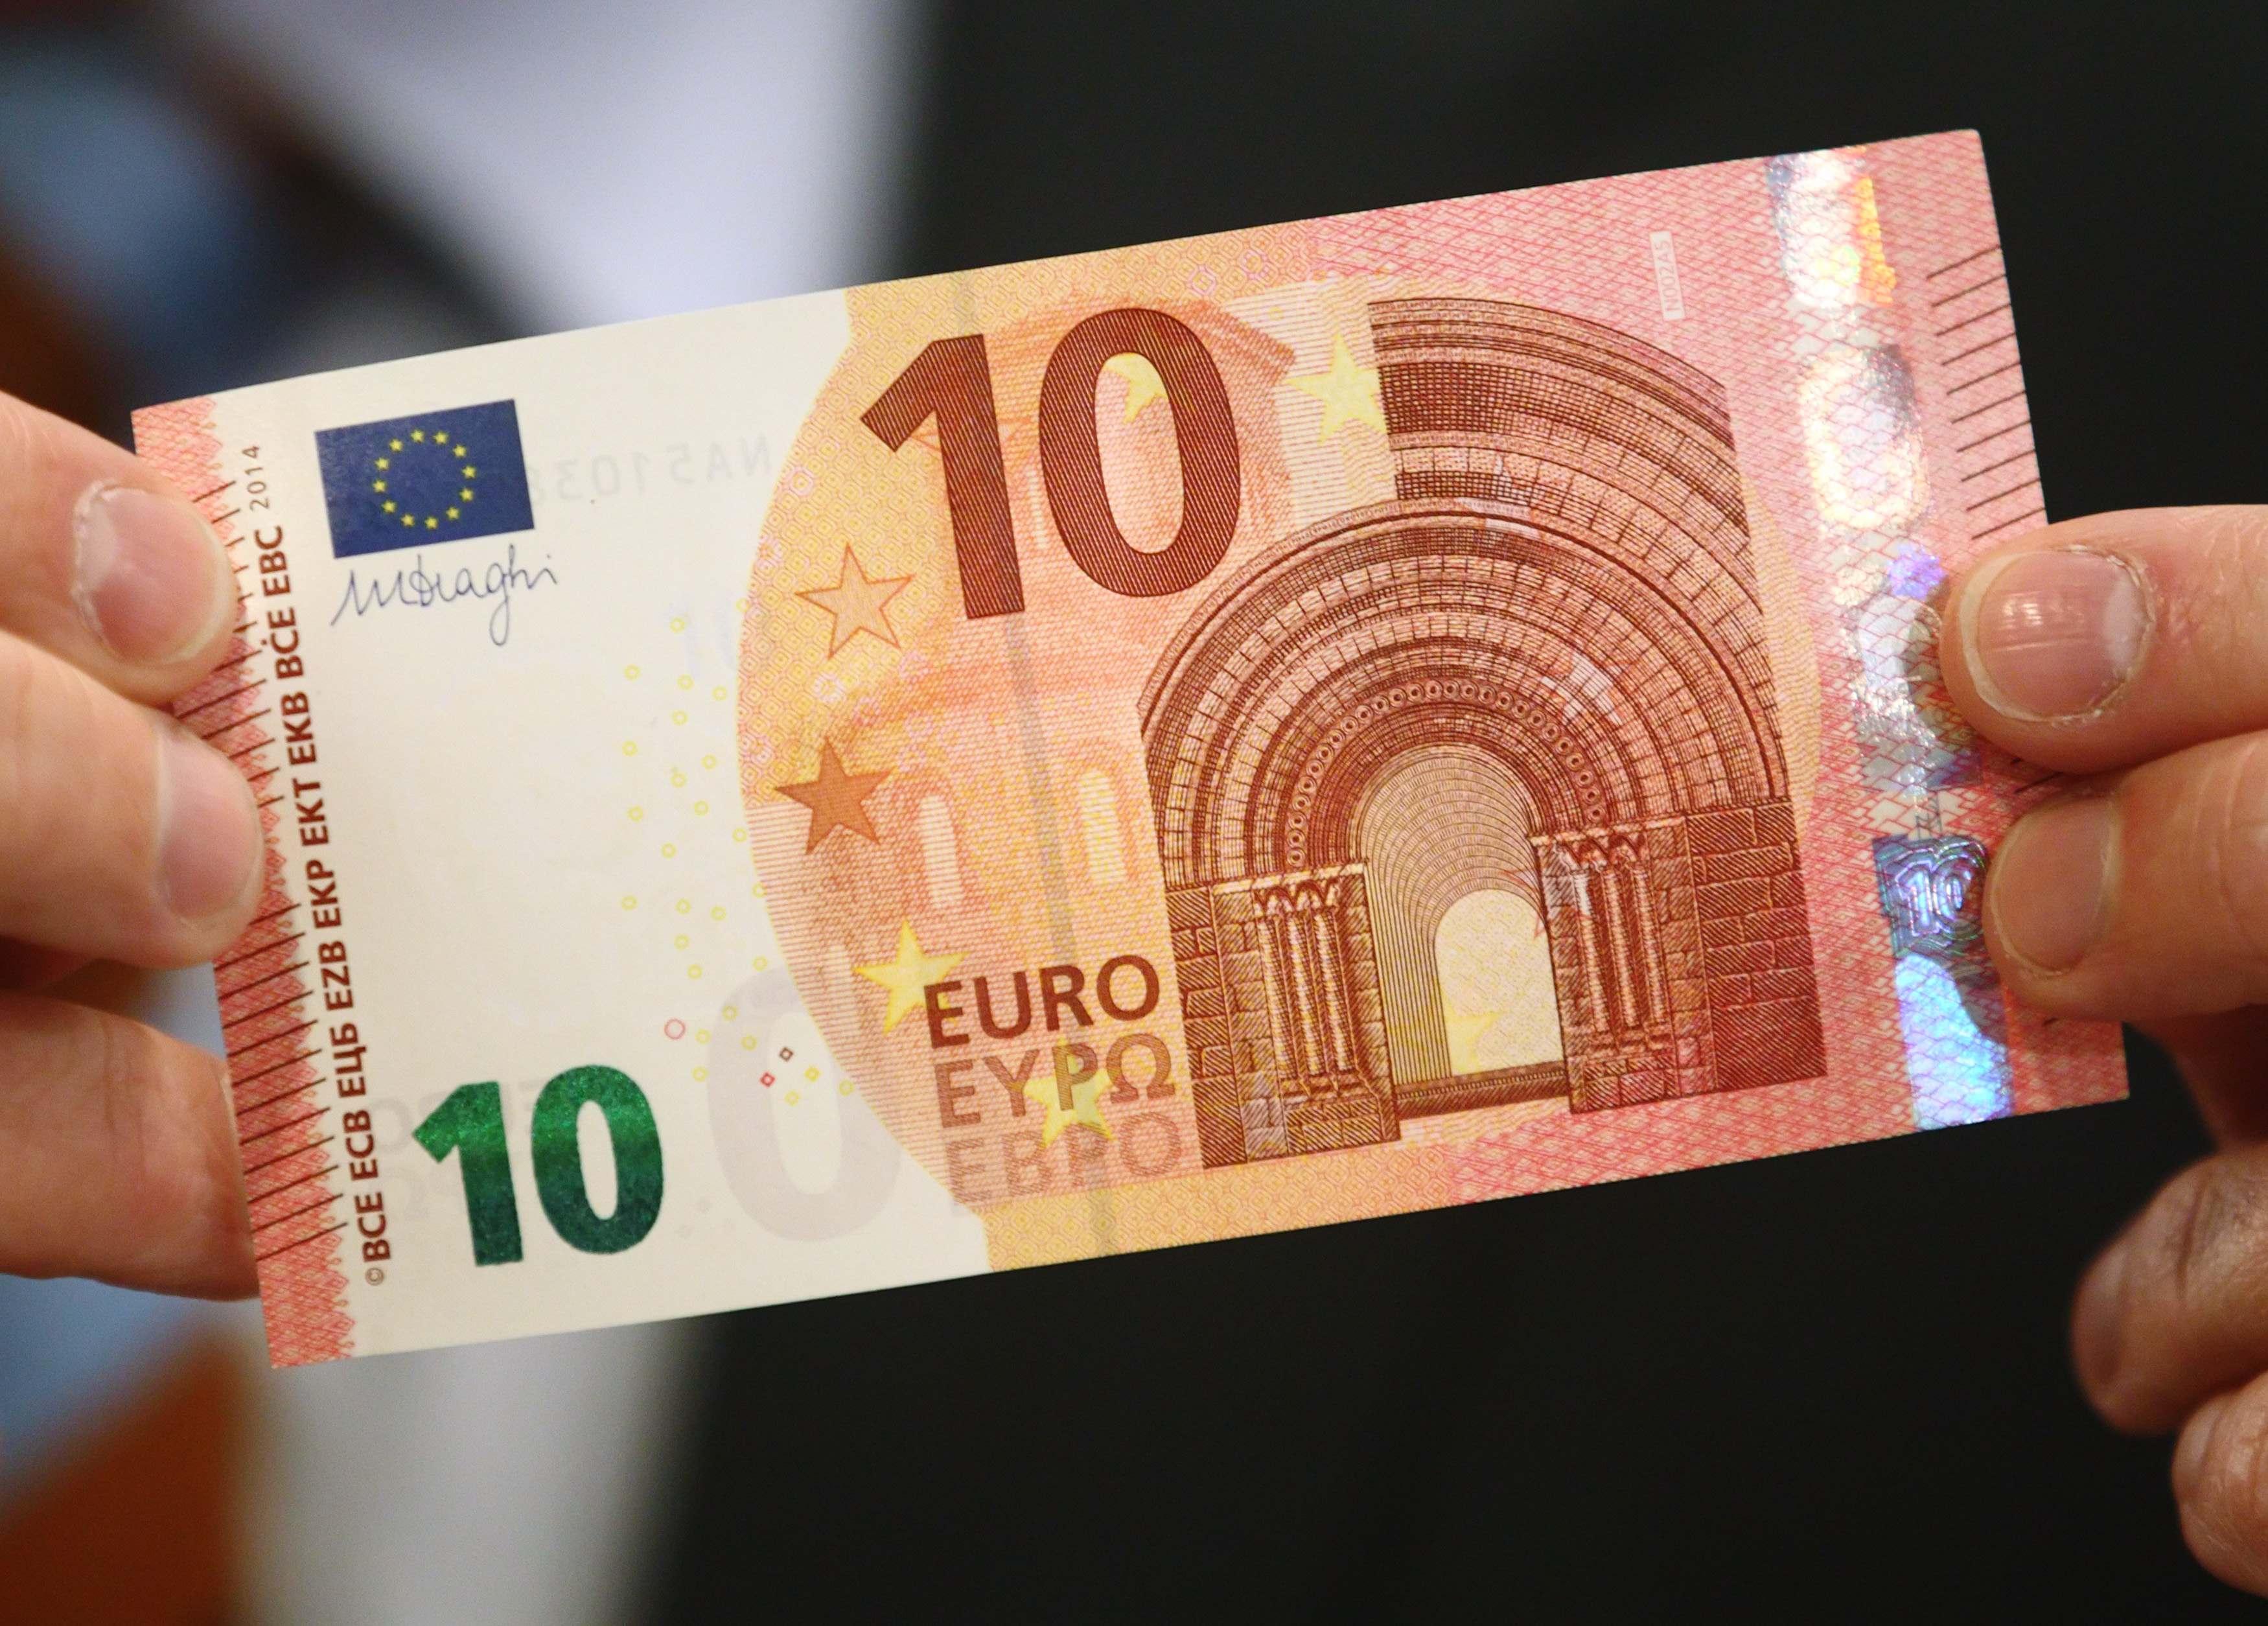 НБУ на 20 копеек укрепил курс гривны к евро